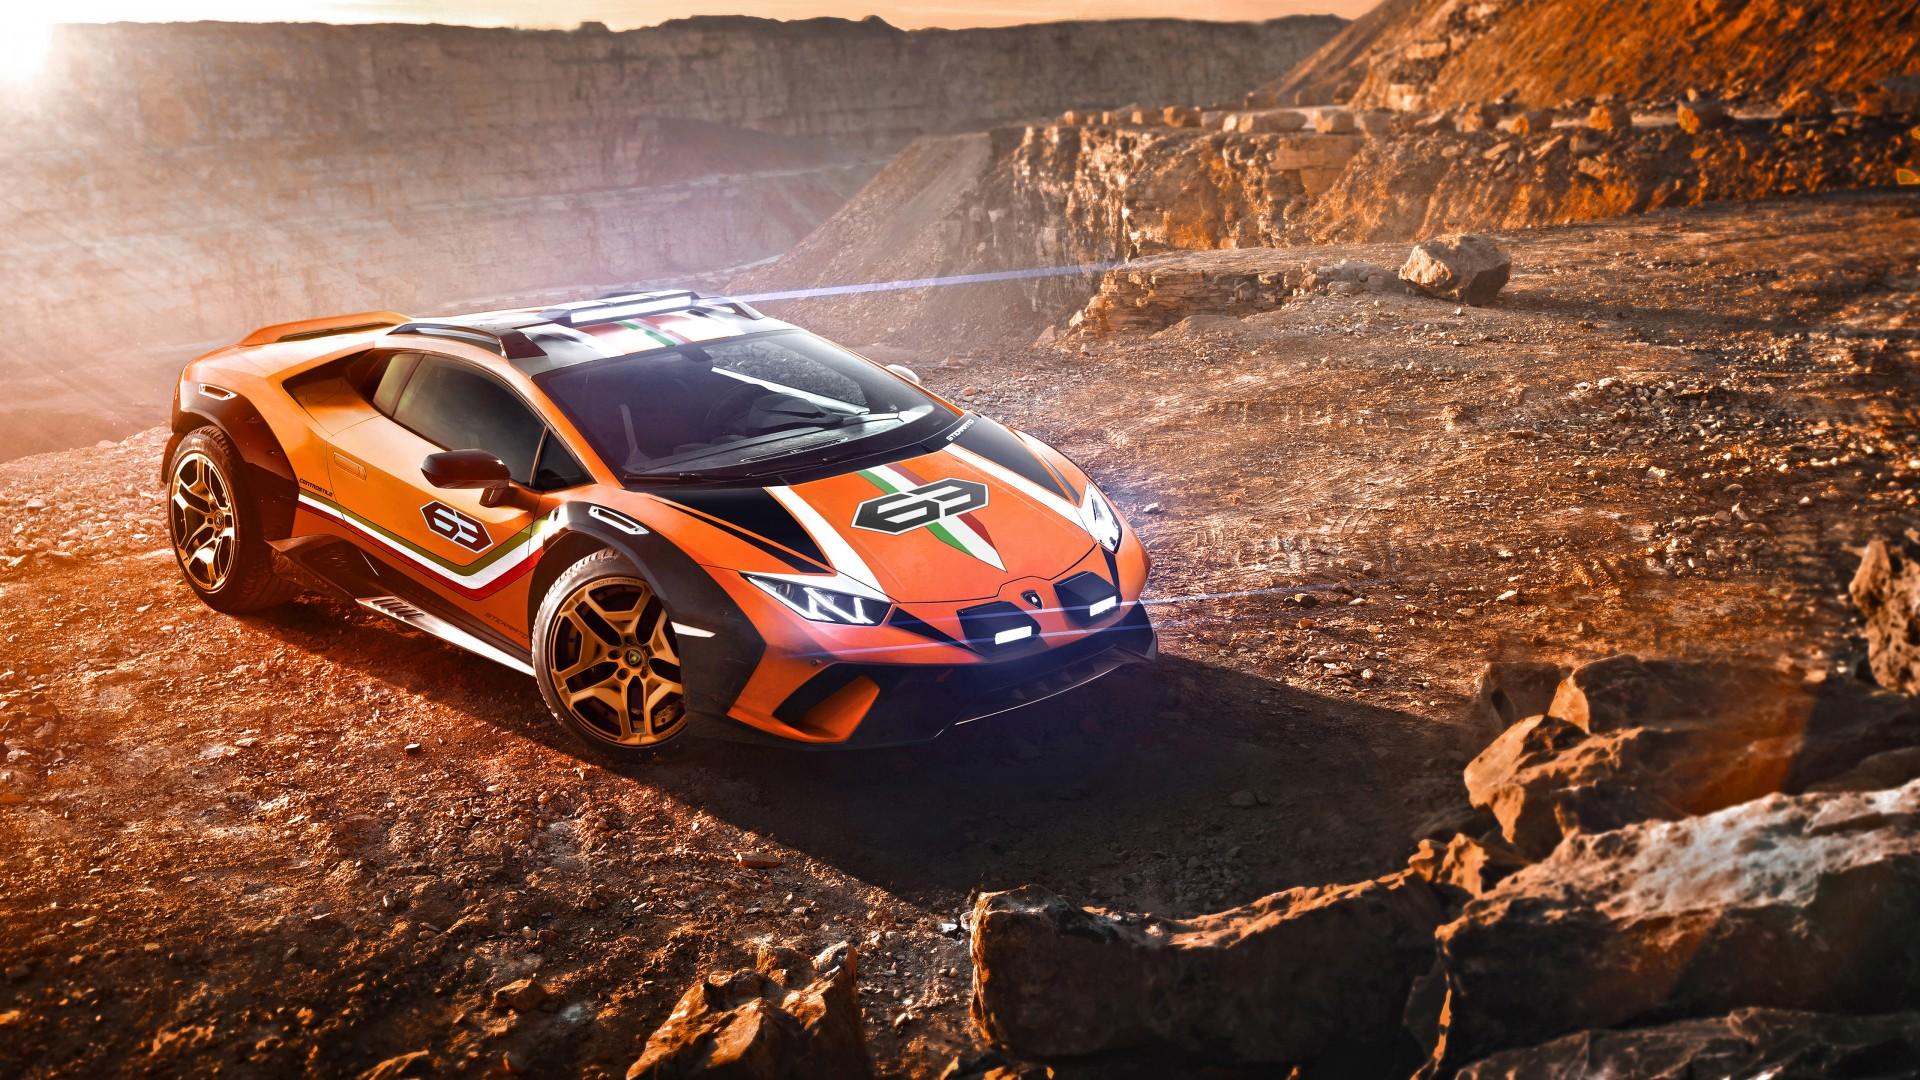 Lamborghini Huracan Sterrato Concept 2019 5K 2 Wallpaper ...